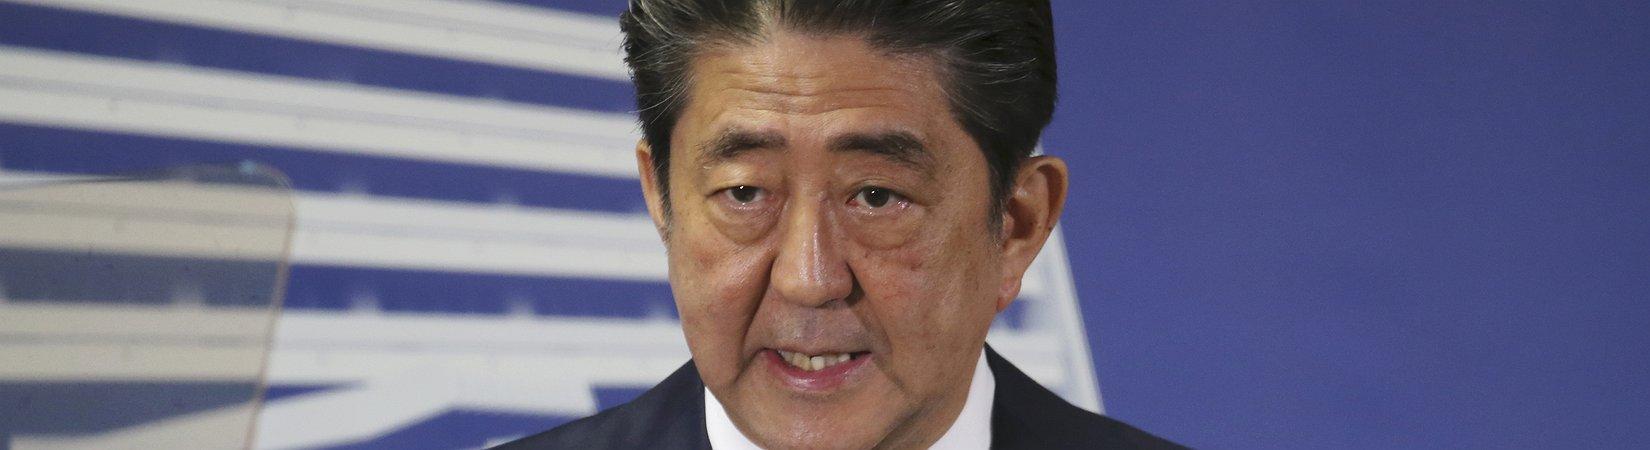 Suben las acciones japonesas tras la victoria del partido de Abe en las elecciones